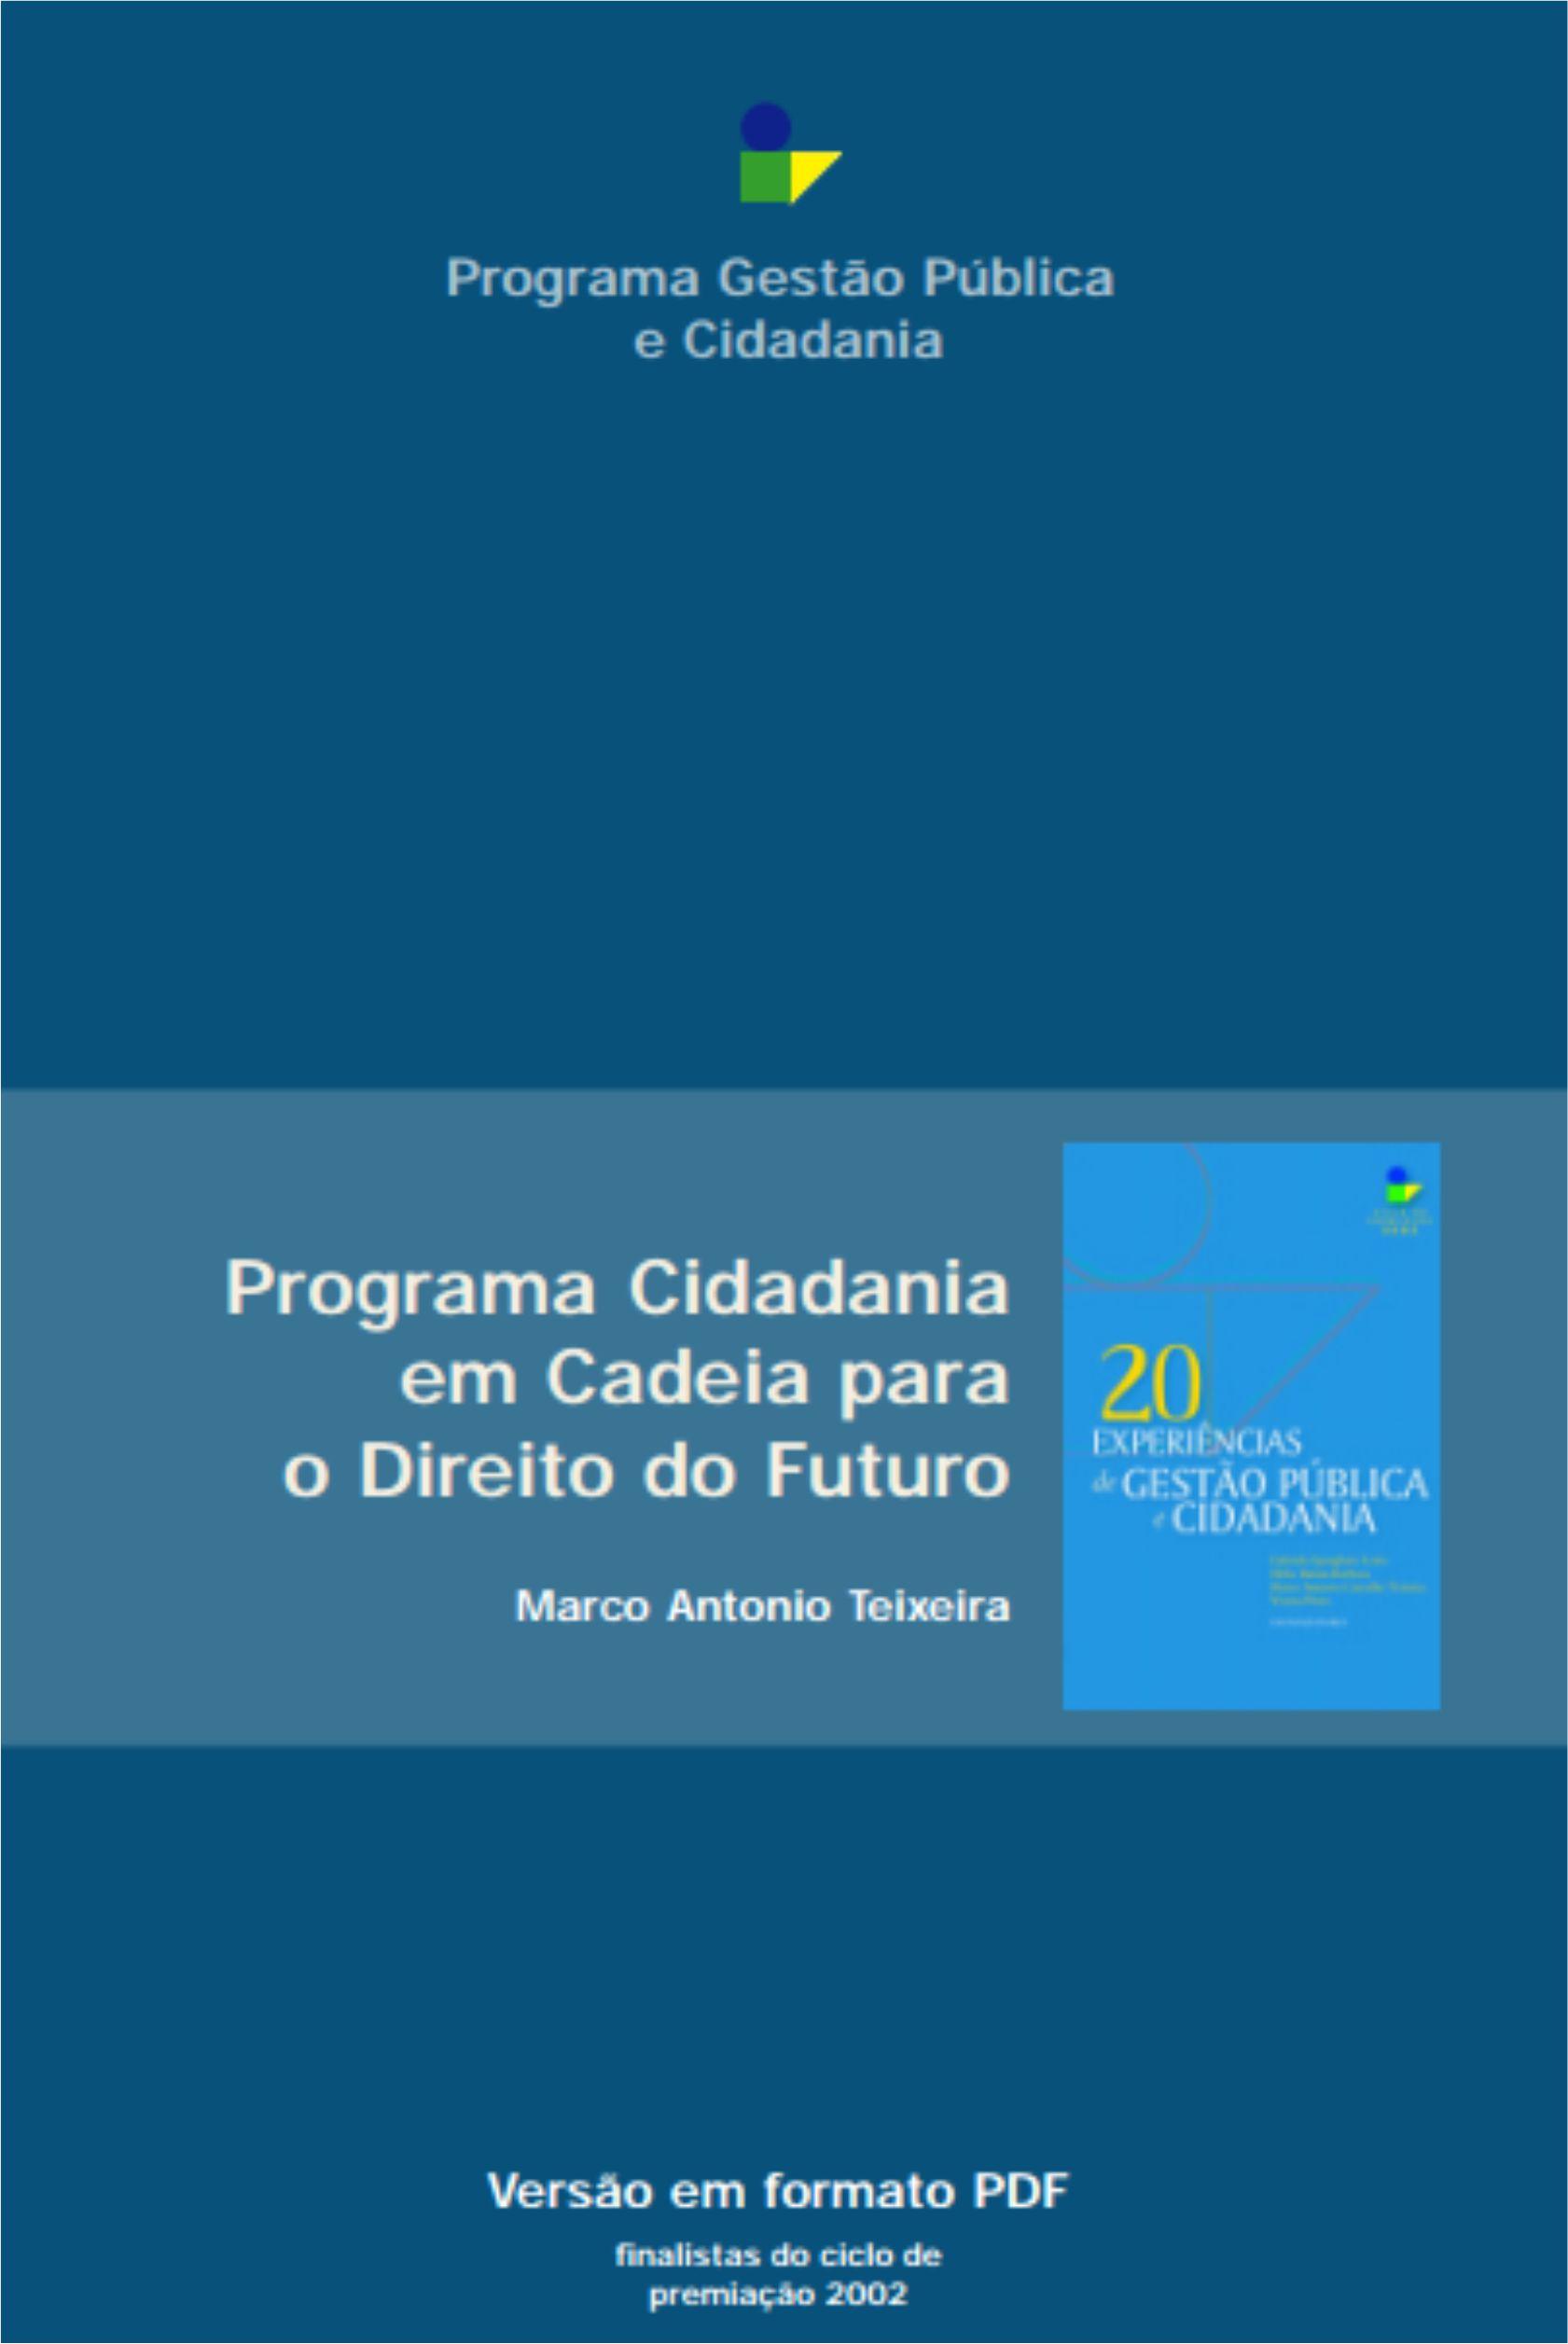 Programa Cidadania em Cadeia